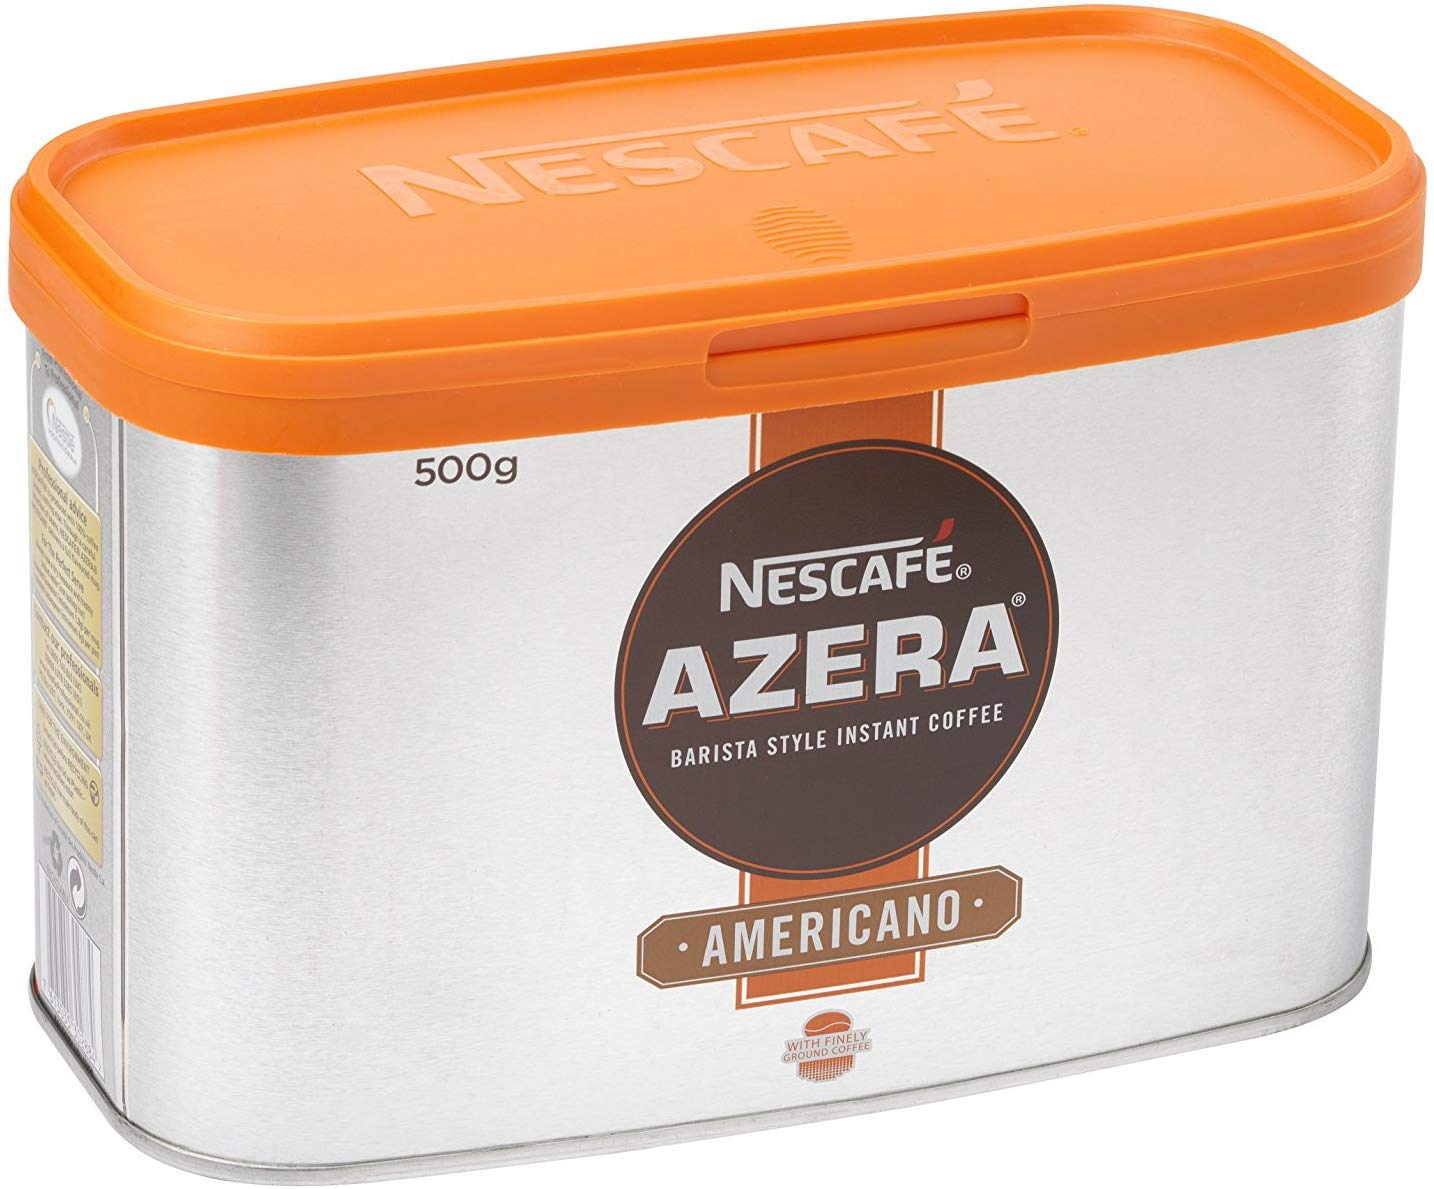 76% off NESCAFÉ AZERA Americano Instant Coffee Tin, 500g